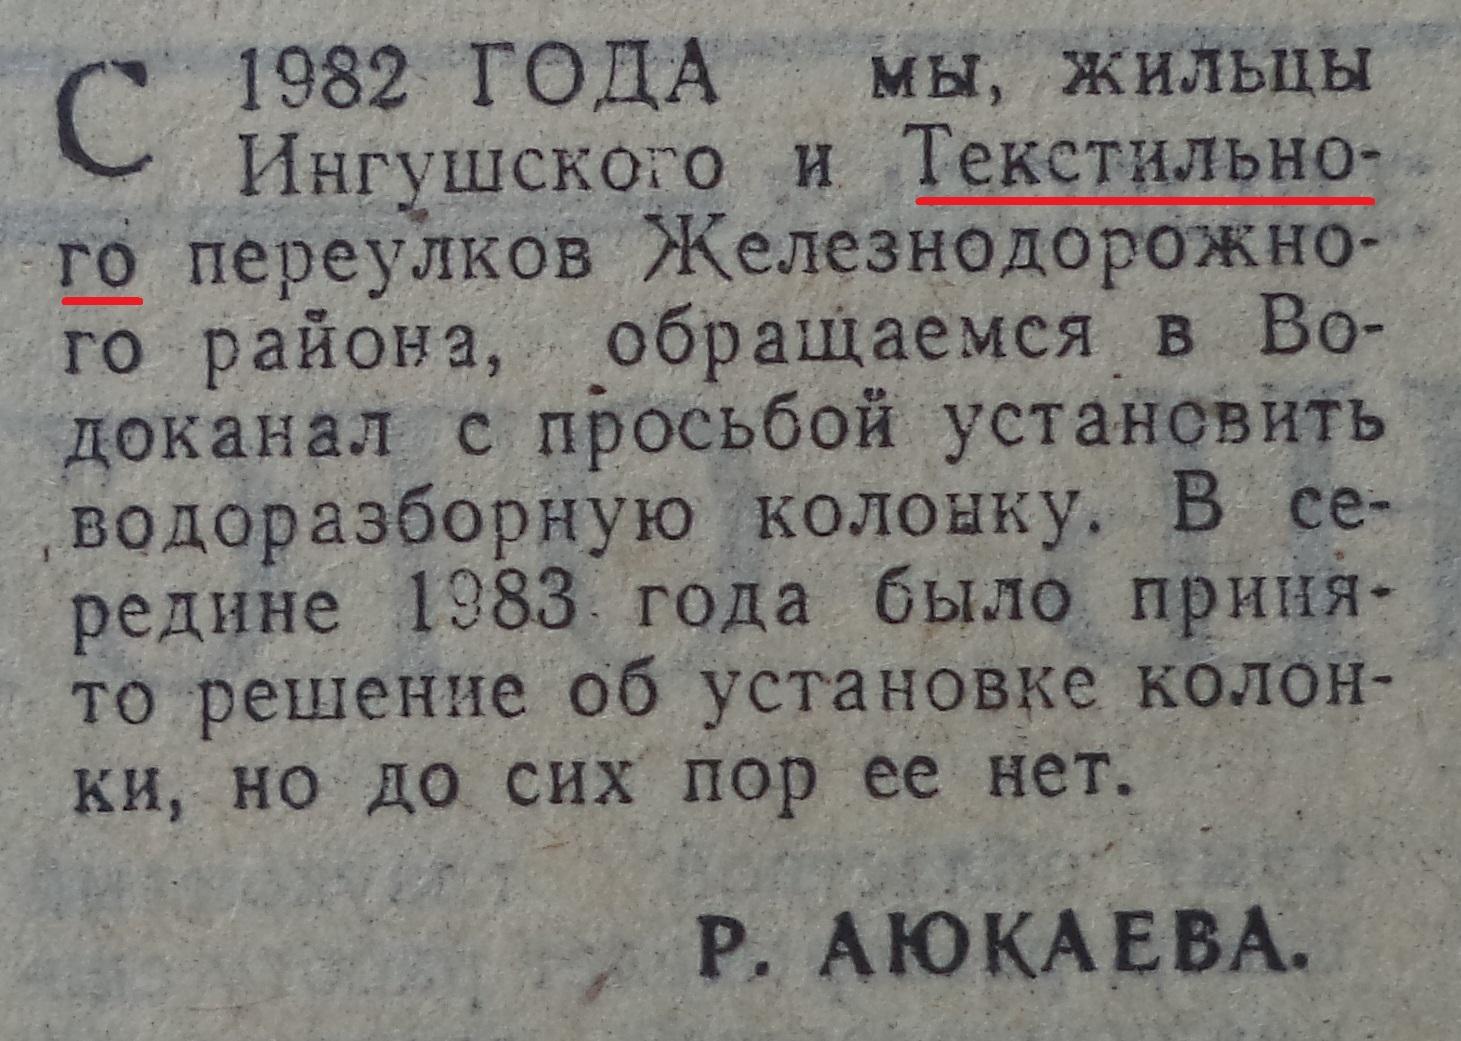 VZya-1985-12-10-probl_vodosnabzh_v_ZhD_r-ne_na_Ingush_i_Text_per-kh